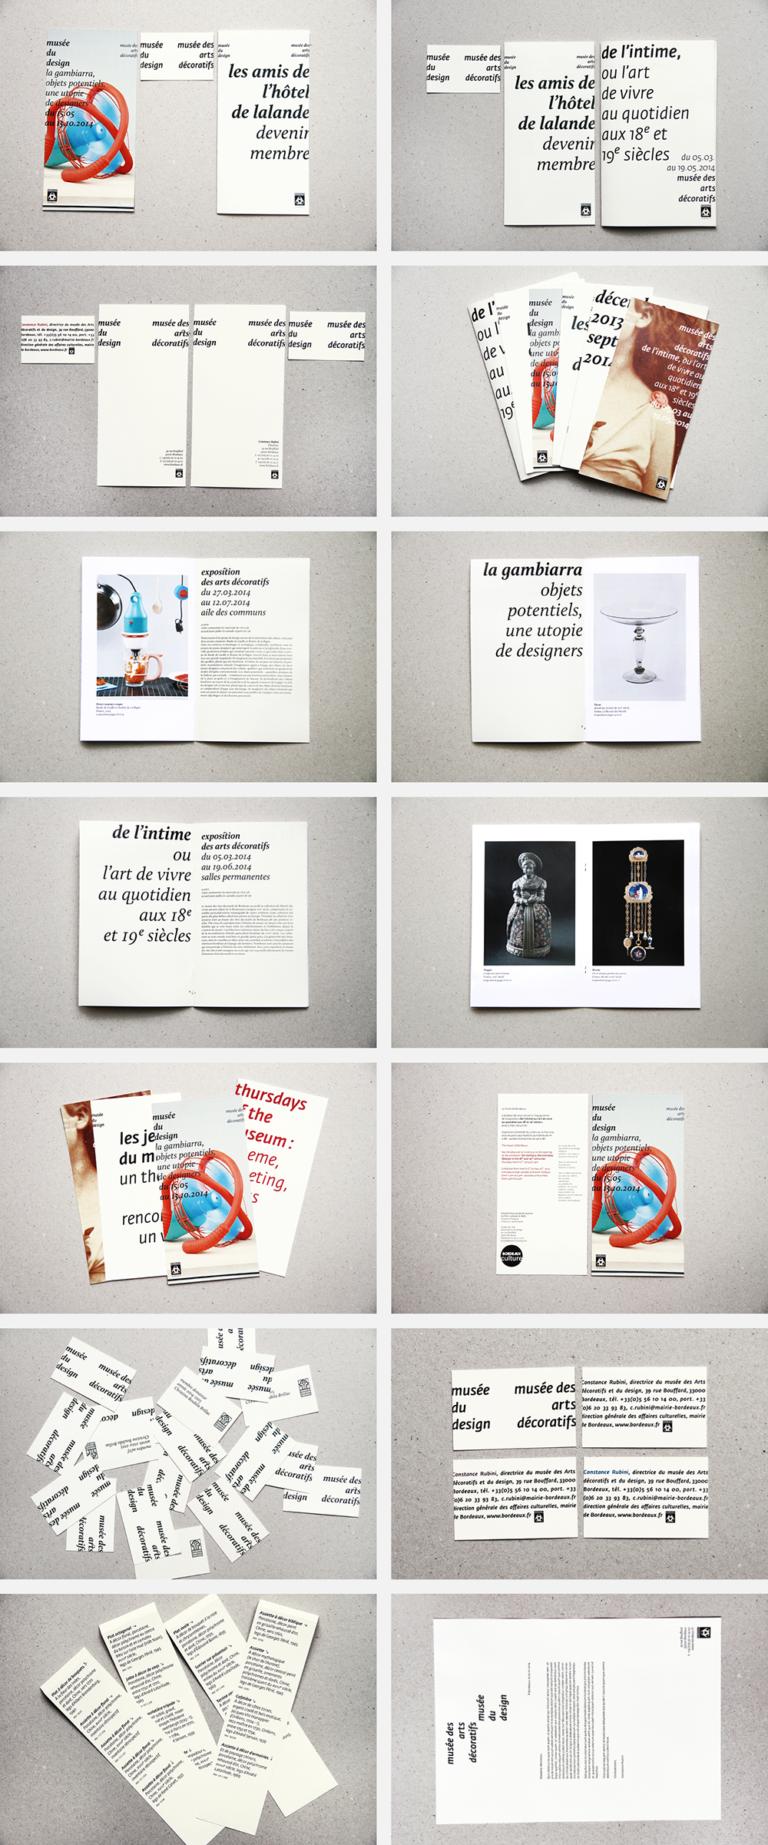 anouck fenech musée des arts décoratifs et du design de bordeaux – identité visuelle – 2013-2014